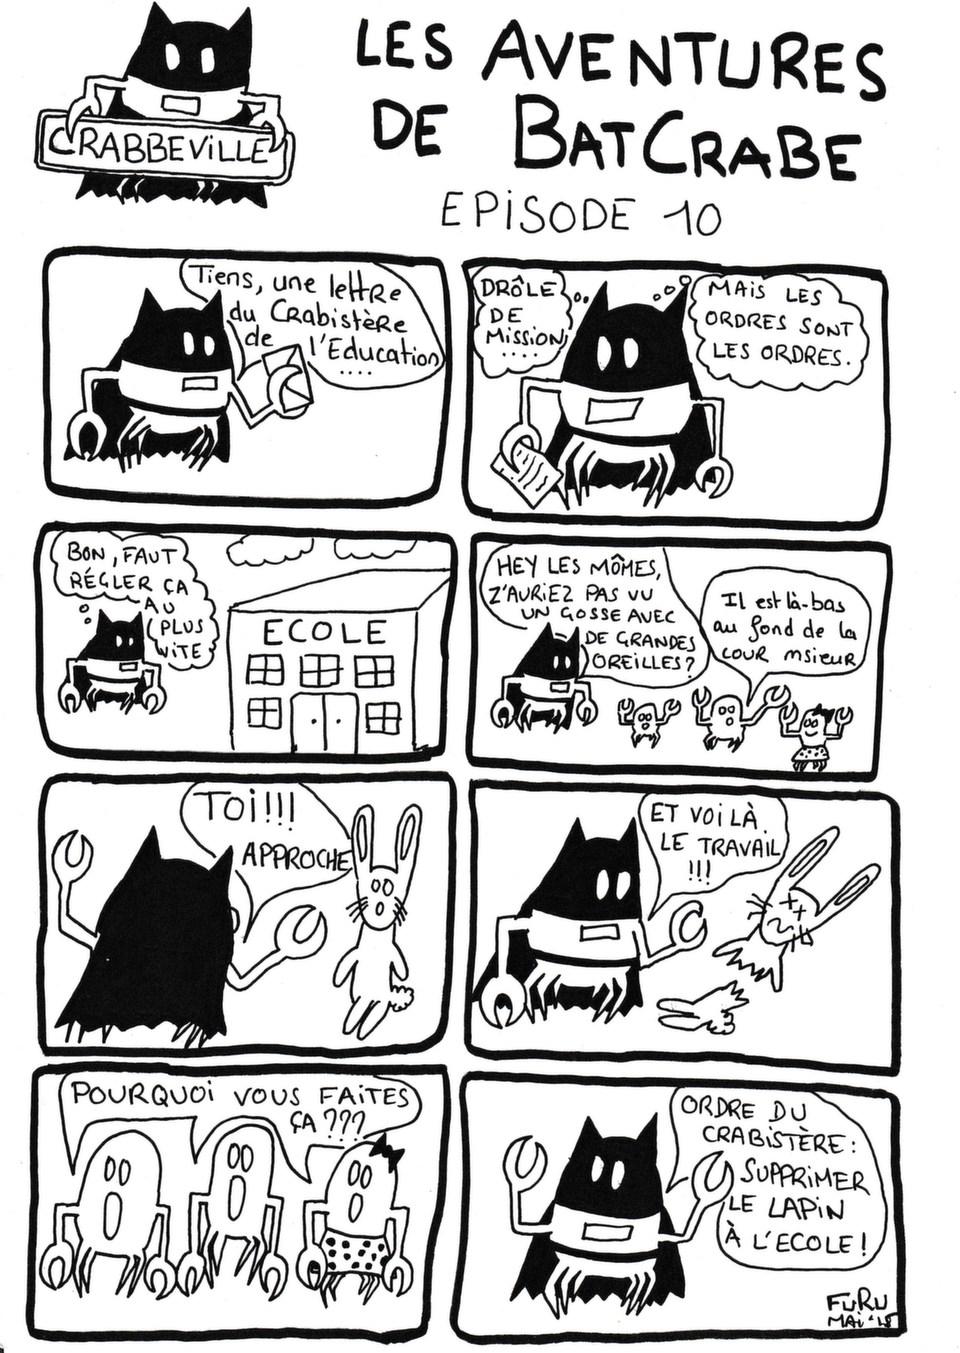 Les nouvelles aventures de BatCrabe!<br />Retrouvez ses anciennes péripéties sur kowok et sur: <br />https://crabefuru.wordpress.com/